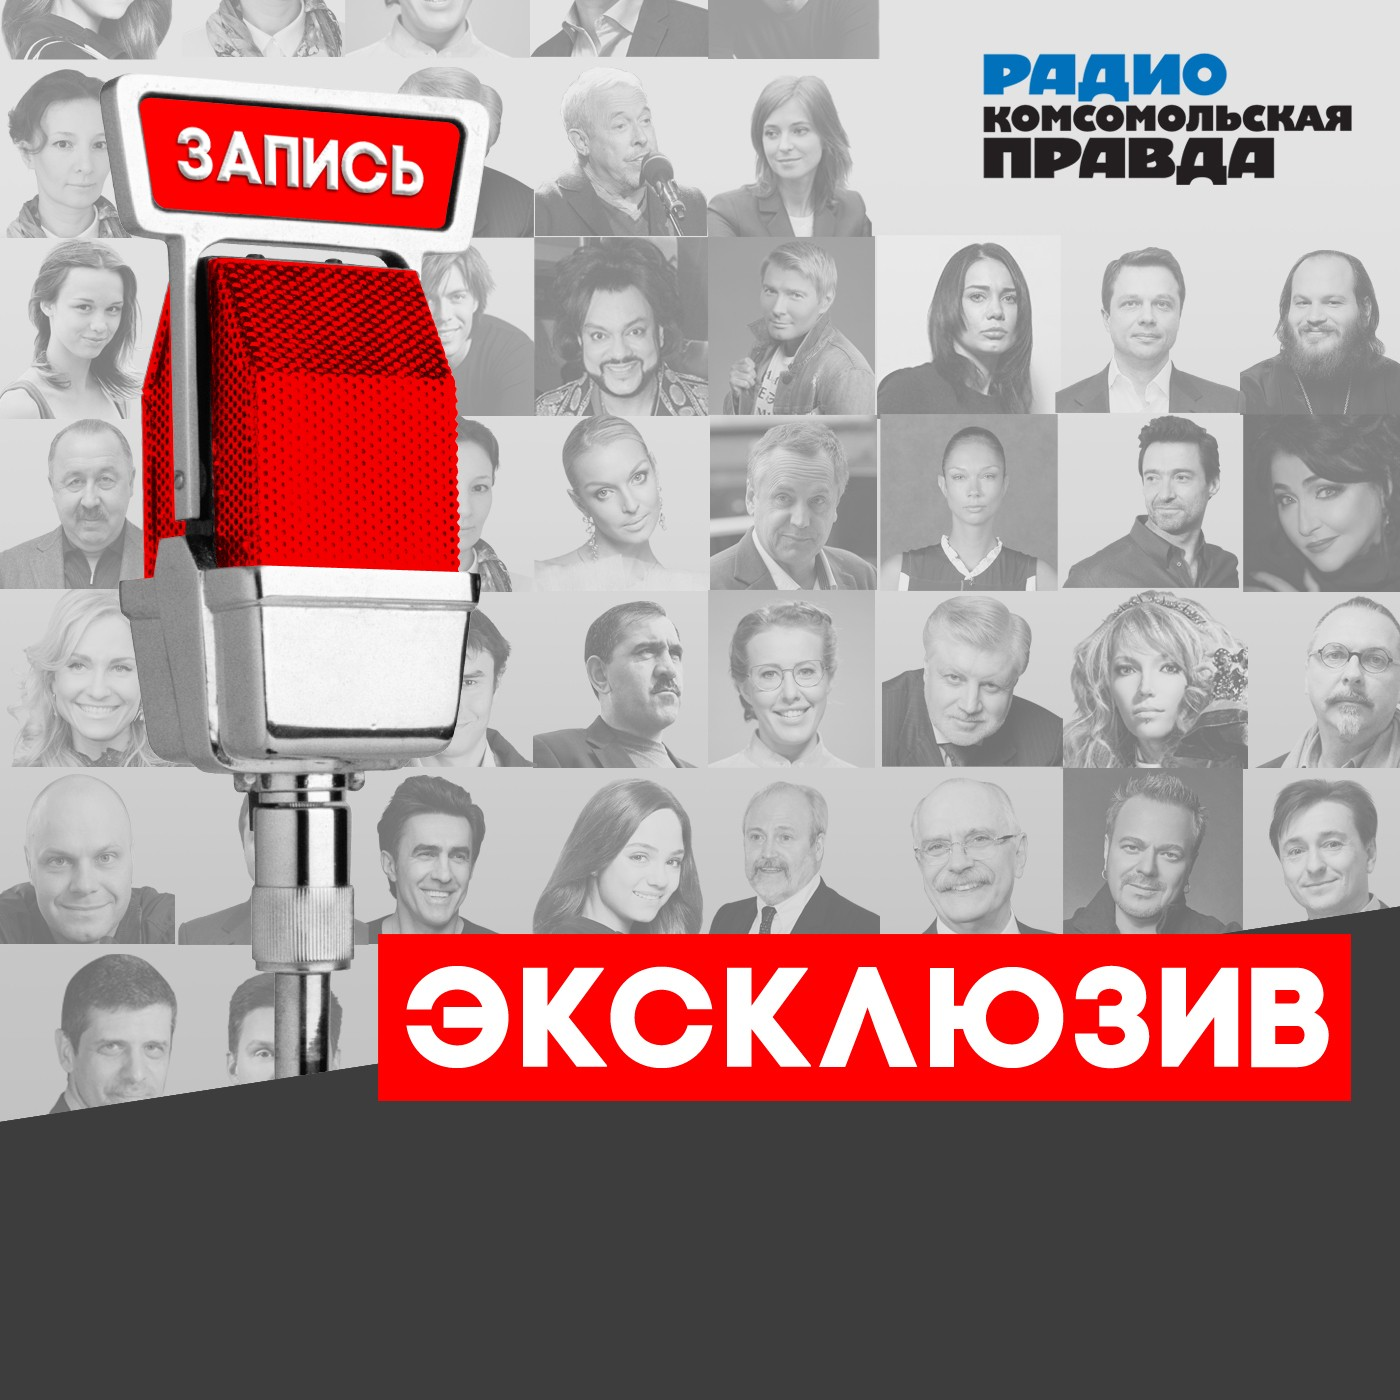 Радио «Комсомольская правда» «Если до 35-ти не выйду замуж и не рожу, удочерю девочку» премьера спектакля срочно выйду замуж 2018 10 26t19 00